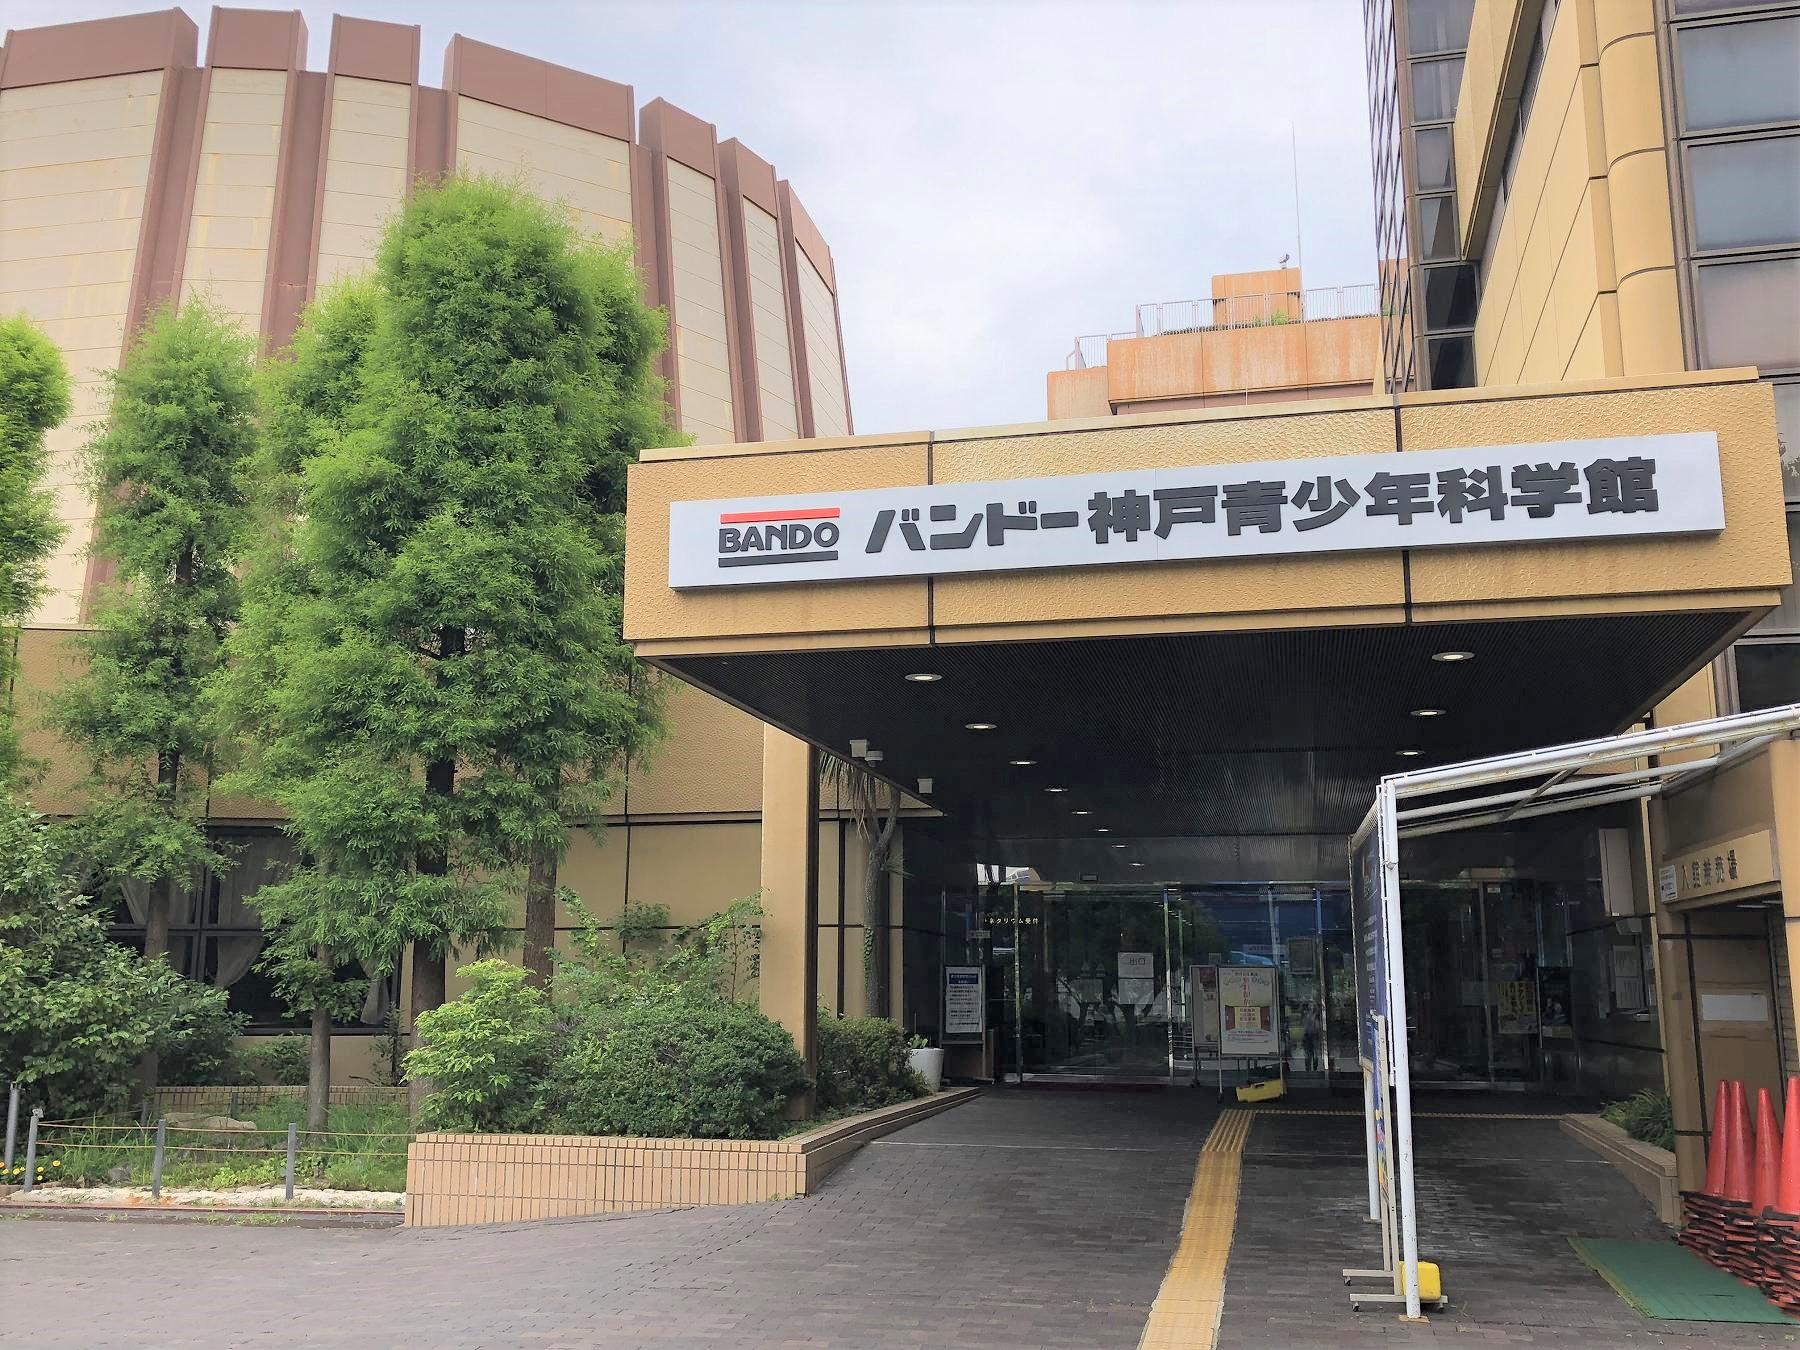 神戸ポートアイランドにある「バンドー神戸青少年科学館」で童心に返って見学したよ! #バンドー神戸青少年科学館 #ポートアイランド #神戸観光 #世界に誇る日本のイノベーション #自由研究